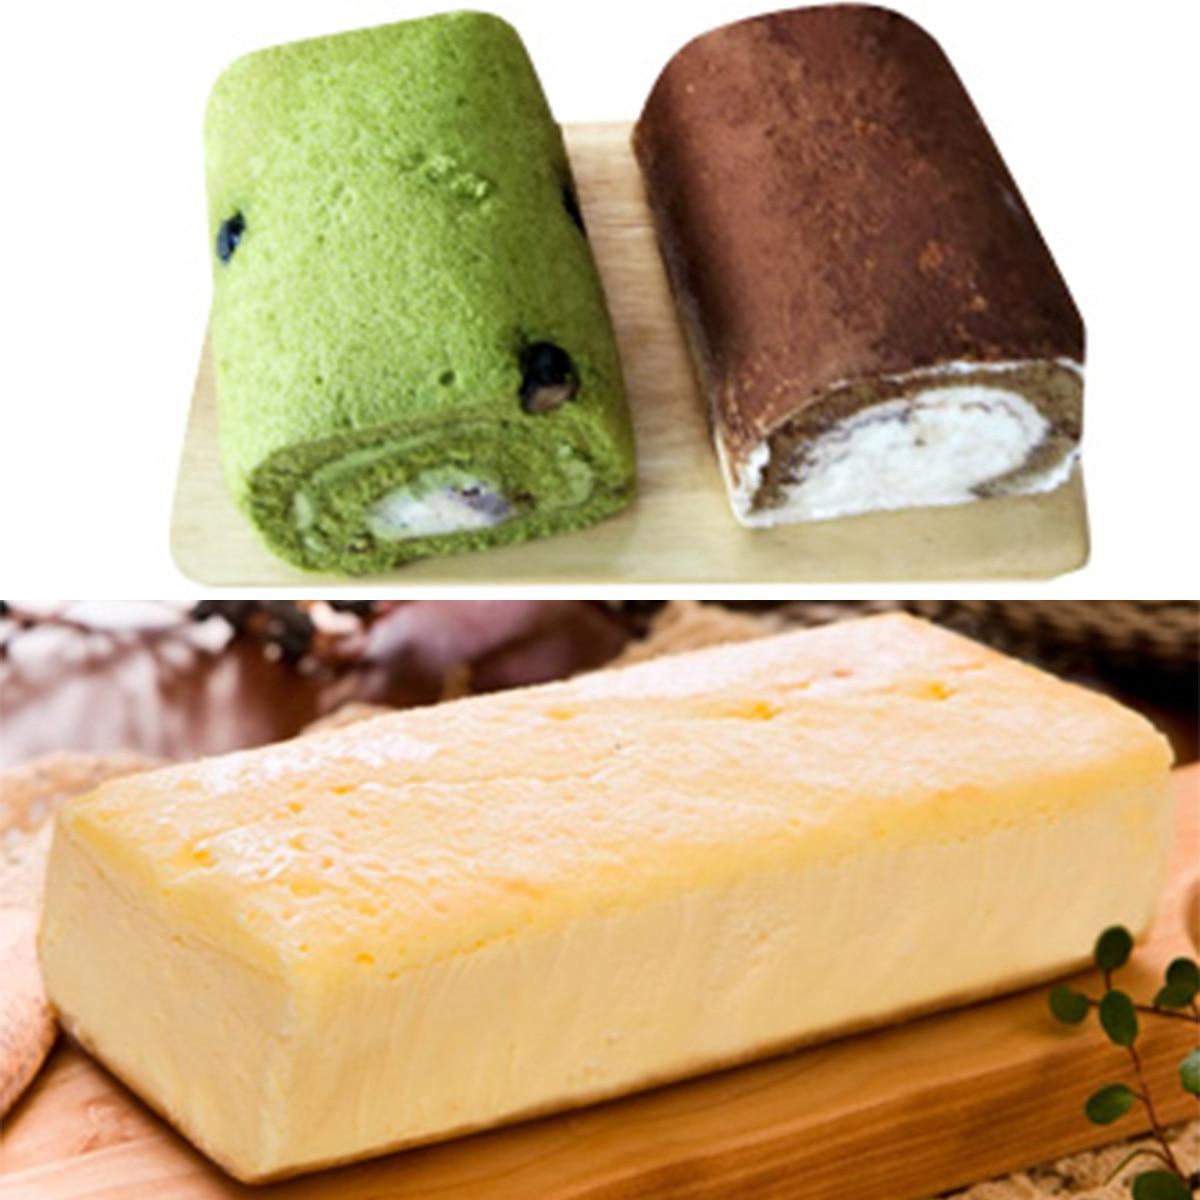 【送料無料】贅沢チーズケーキ まざあぐうす 京のロールケーキセット セット